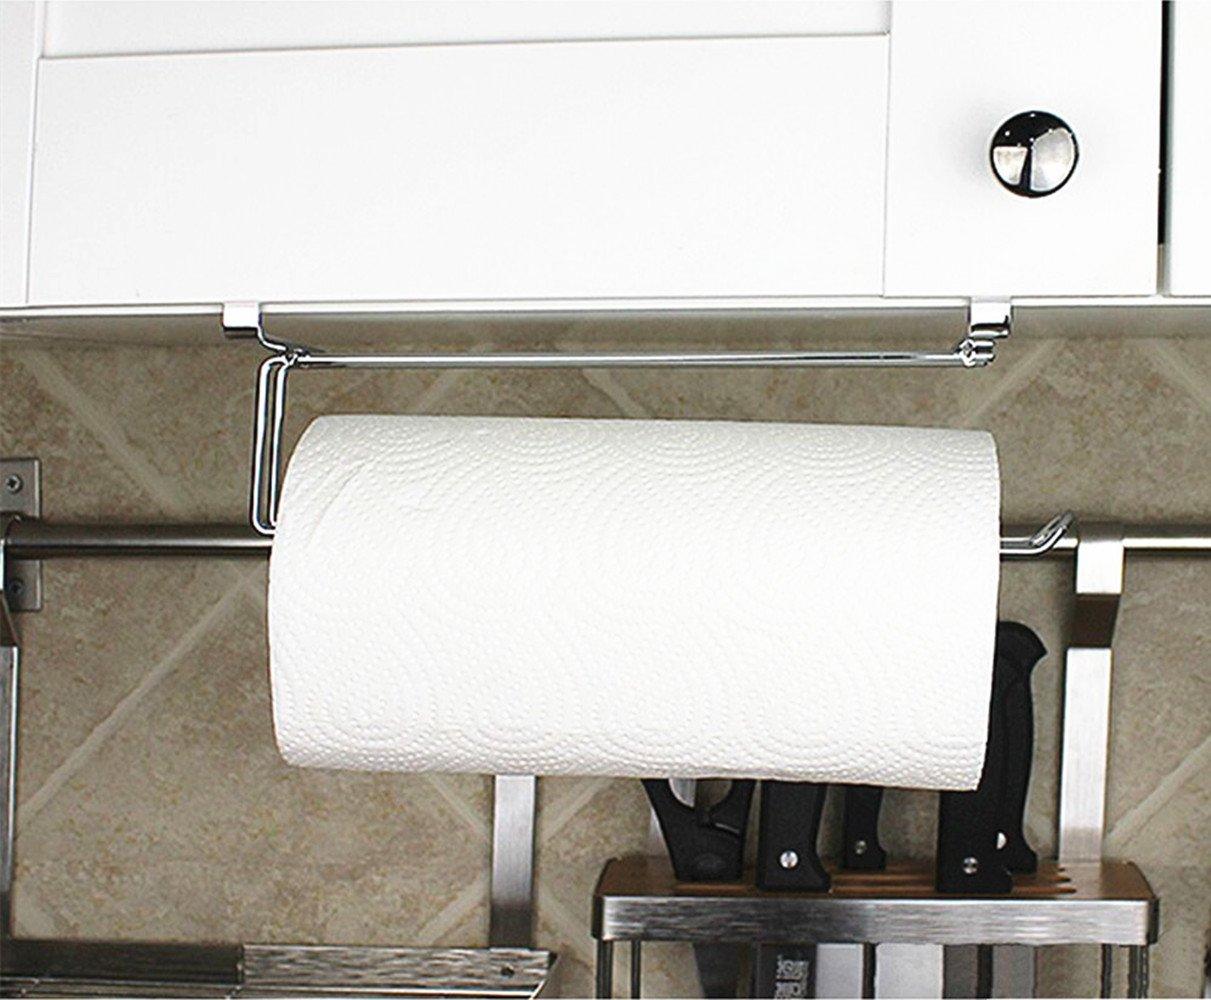 TentHome Schrankeinsatz Papierrollenhalter Rollenhalter Chrom Ohne Bohren K/üchenrollenhalter f/ür K/üche Badezimmer Metall 26 * 6.5 * 9cm